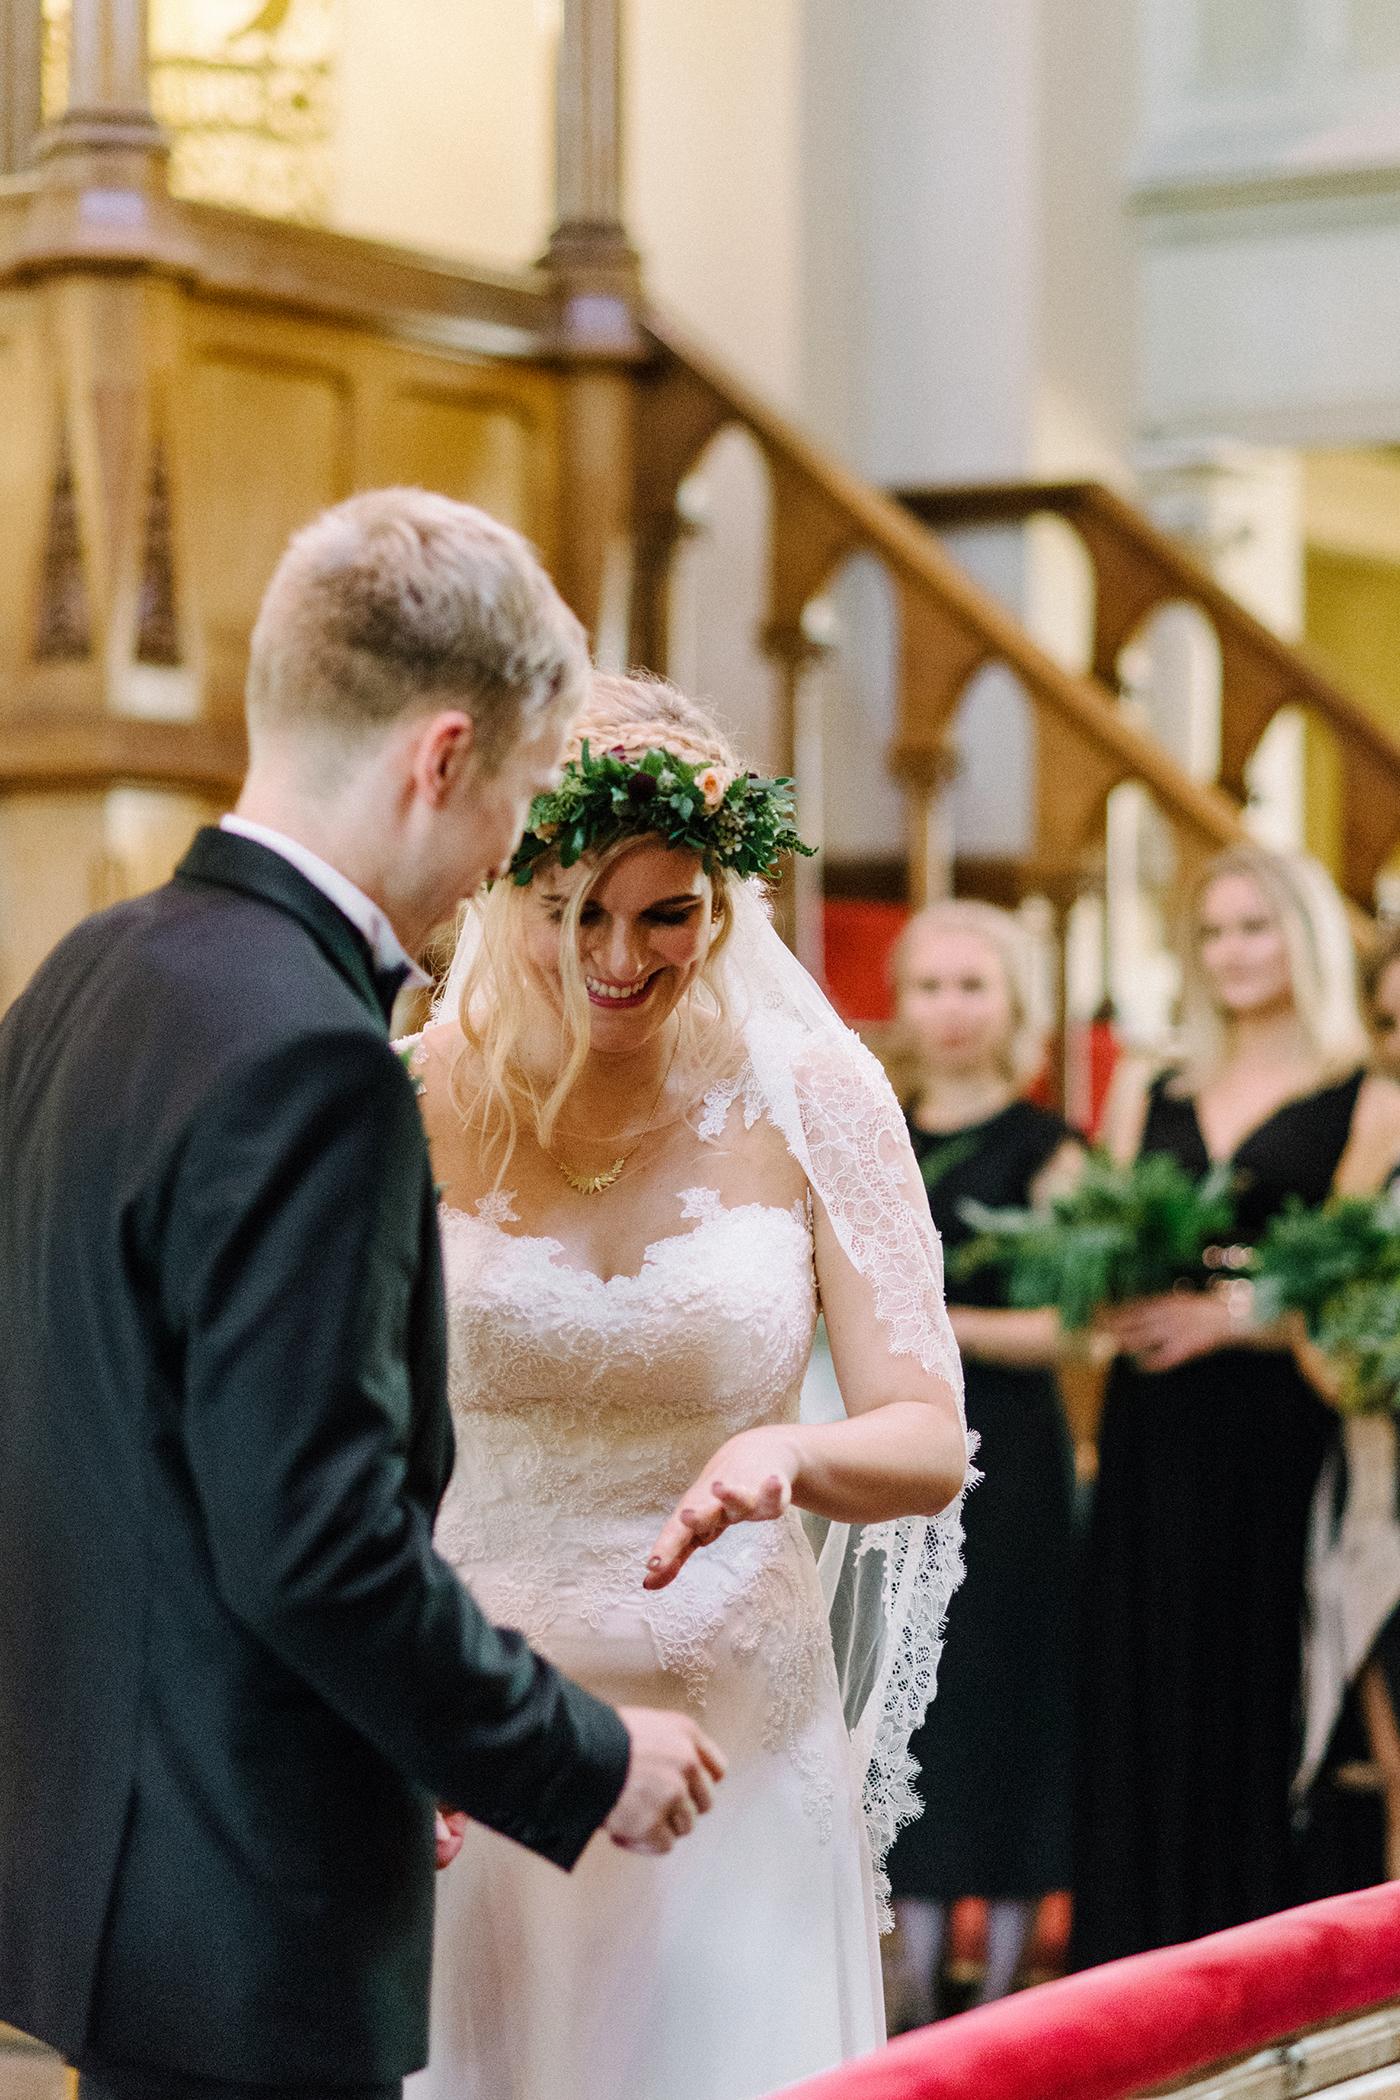 Indie Glam Wedding Tenalji von Fersen Suomenlinna (147).jpg